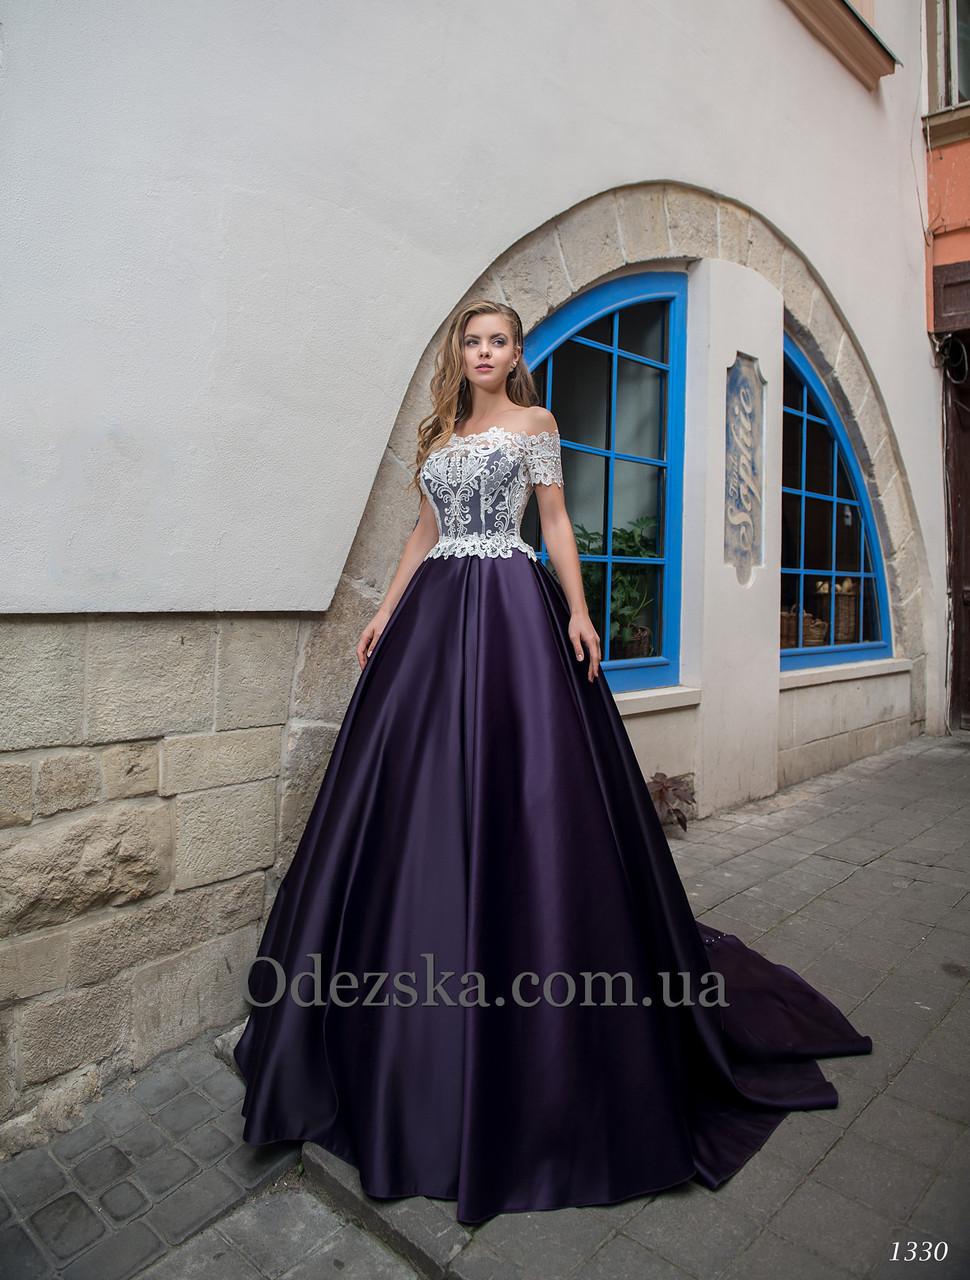 8a5e59ffaf95345 Платье с пышной атласной юбкой со шлейфом - Интернет-магазин ОДЁЖКА прямой  поставщик в Одессе